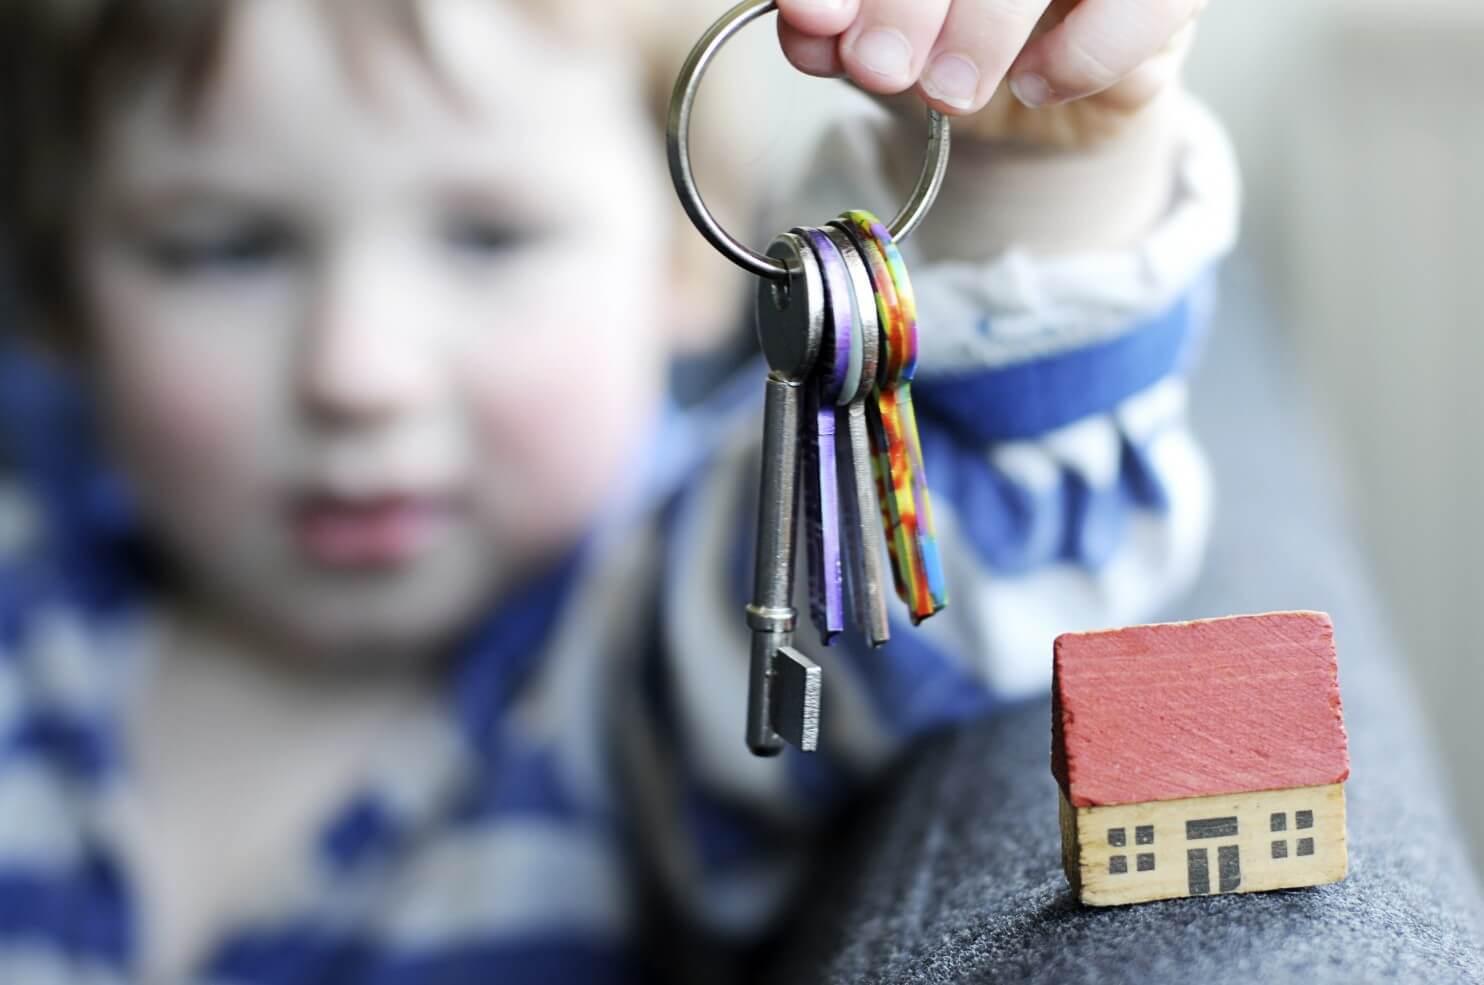 недвижимость по дарственной при разводе однако, стал